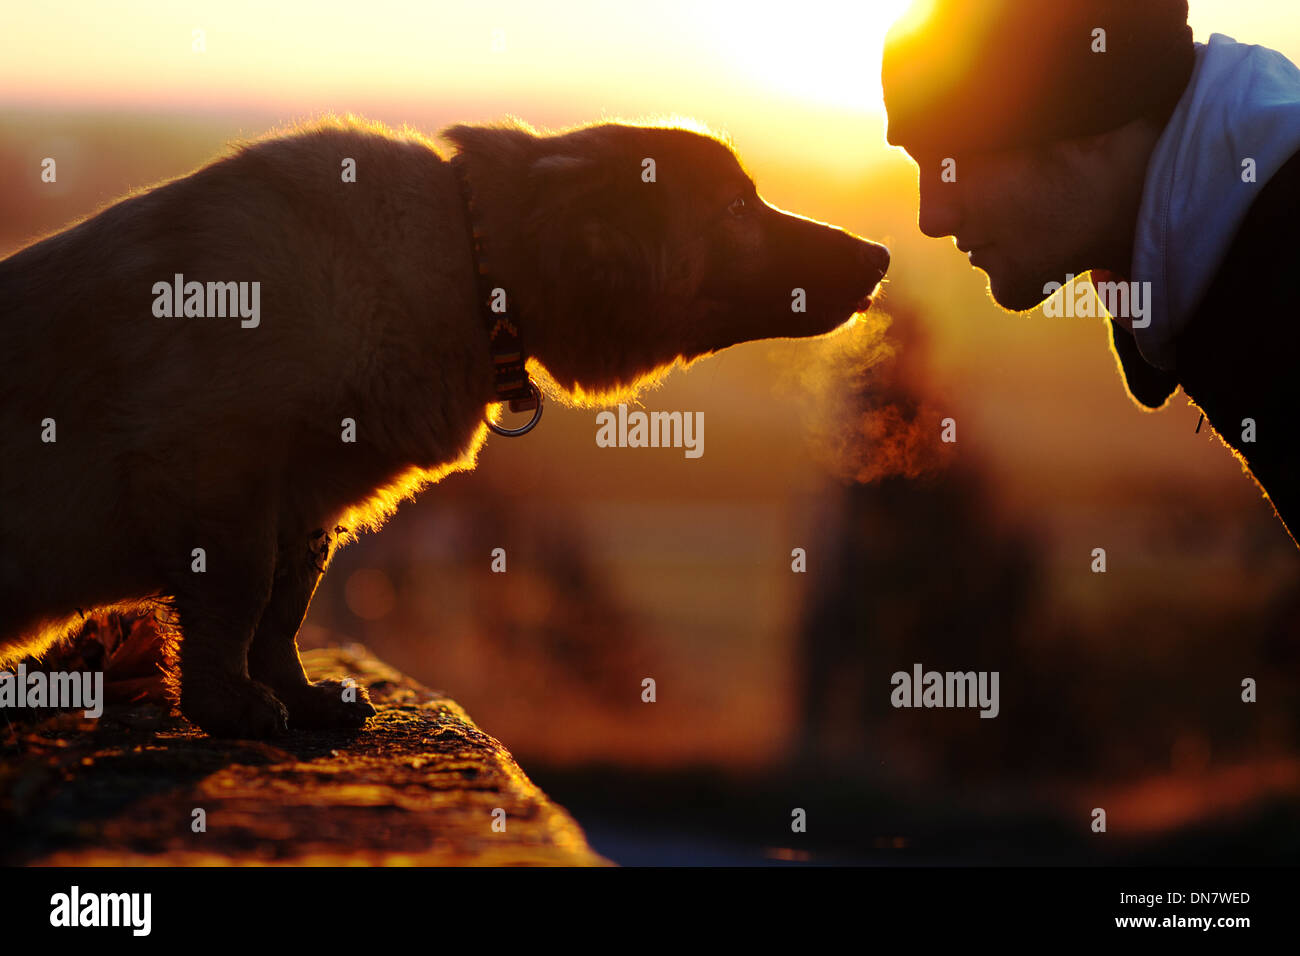 Uomo e cane in controluce guardare a ogni altro Immagini Stock